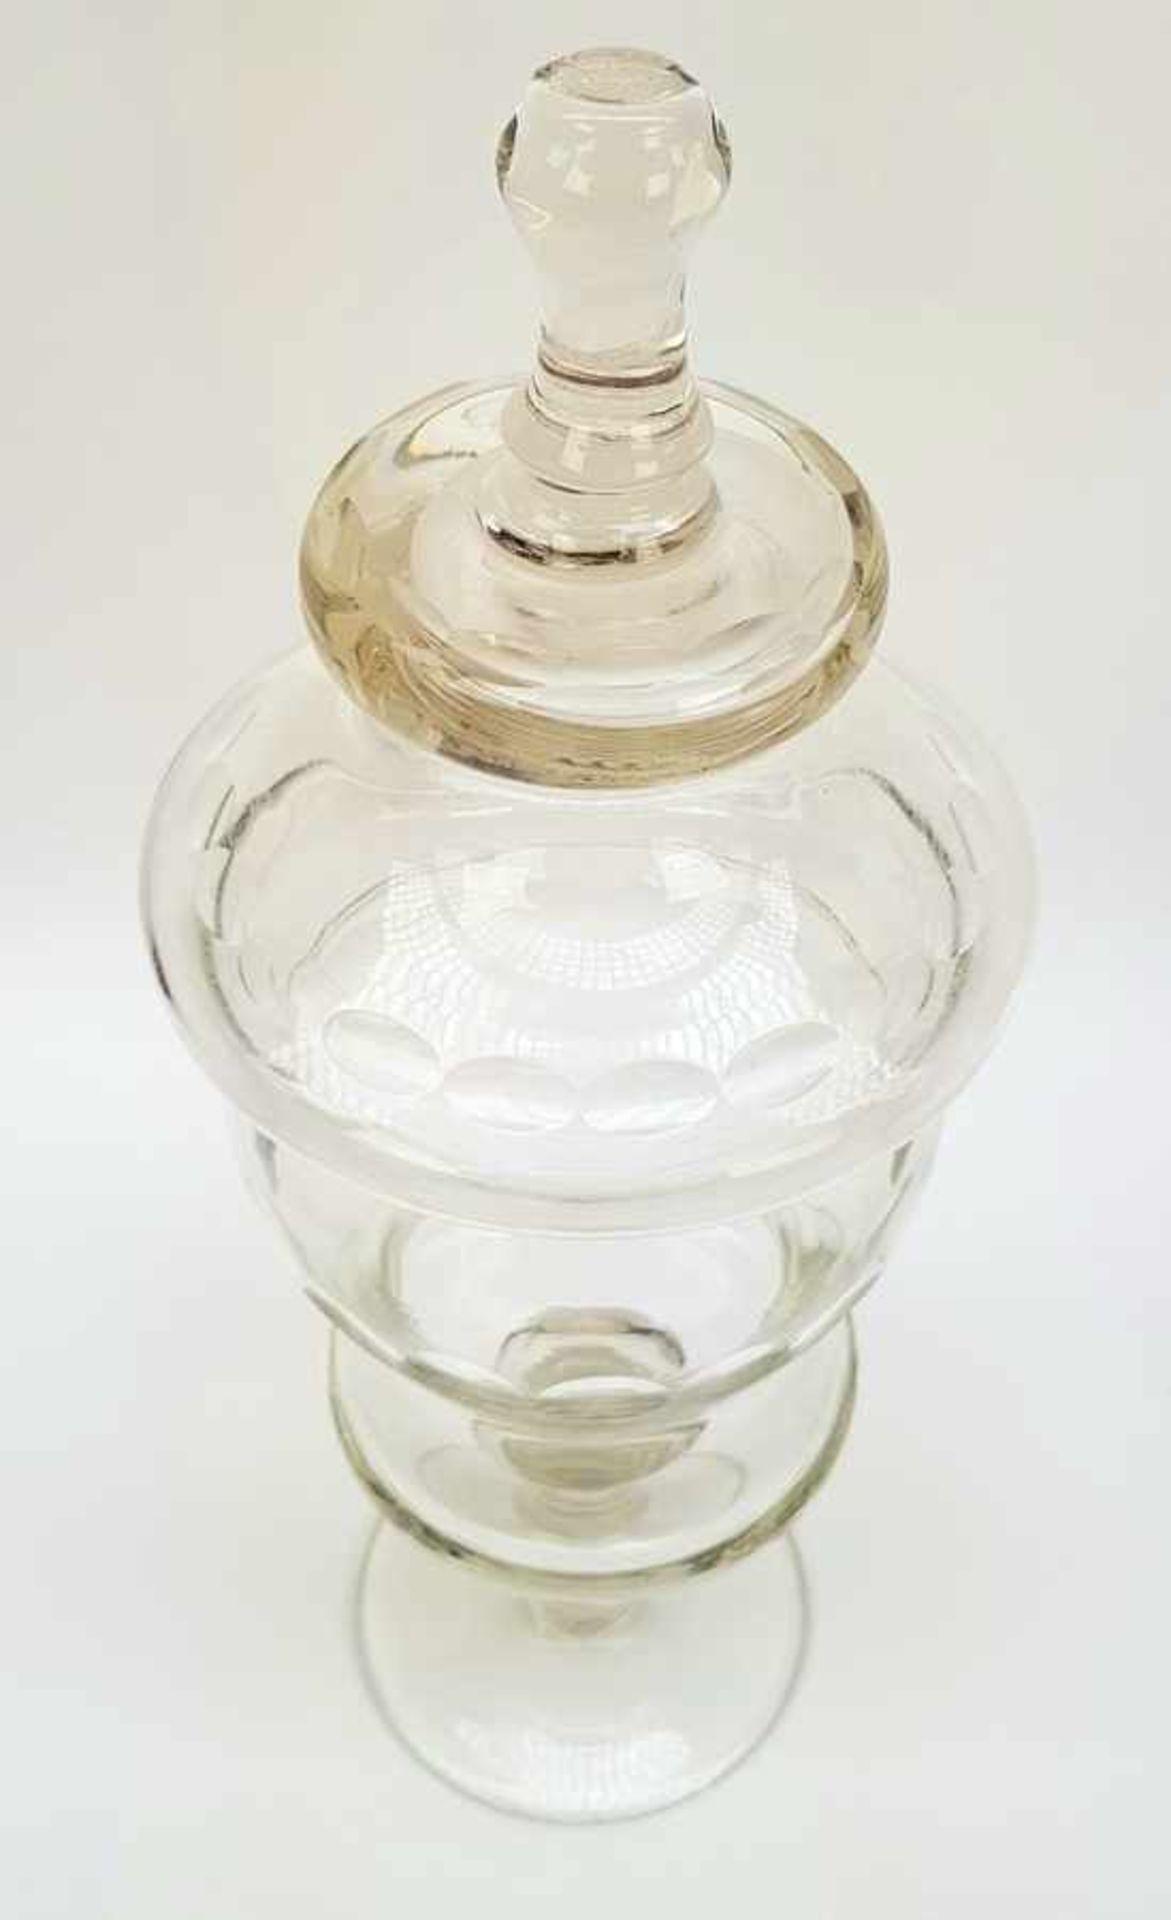 (Antiek) Glazen koekjespot en bowl schaal - Image 3 of 7